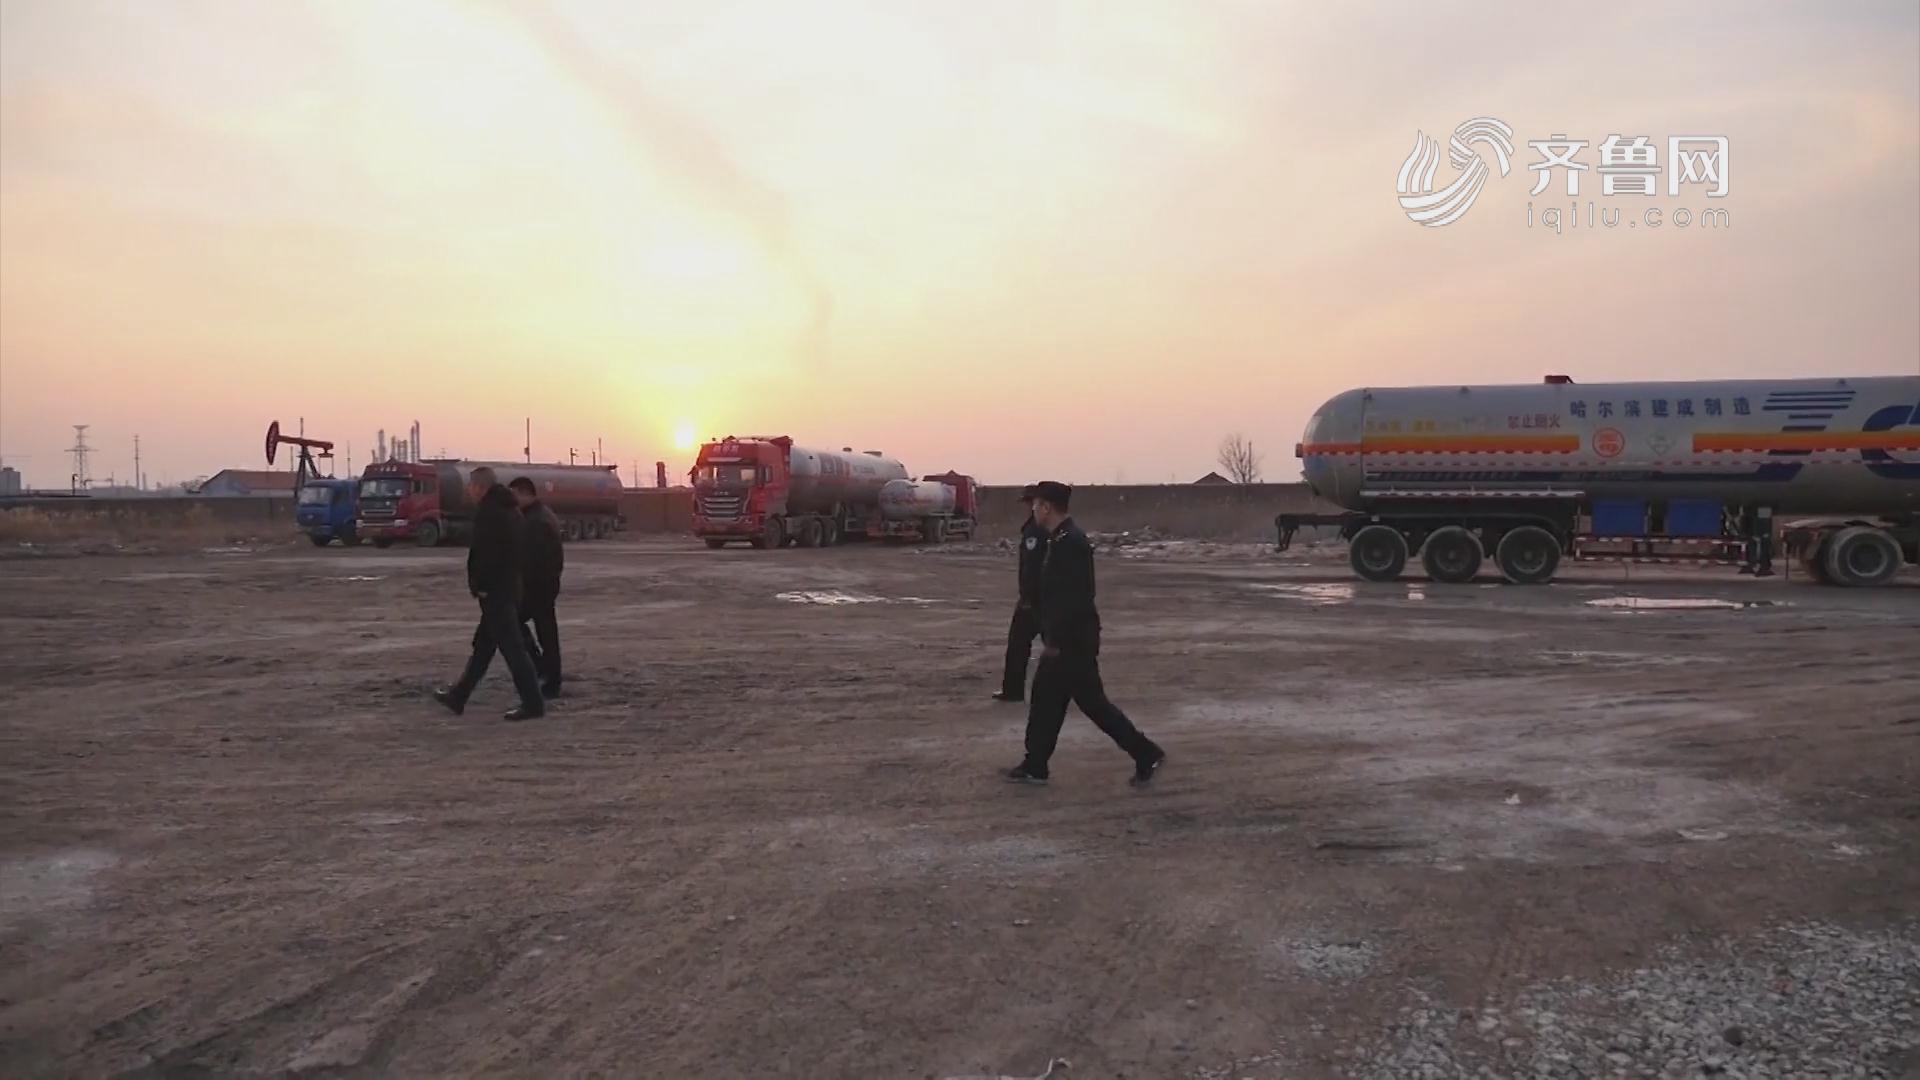 《问安齐鲁》12-8:氨水罐车已被清理 法人代表被行政拘留